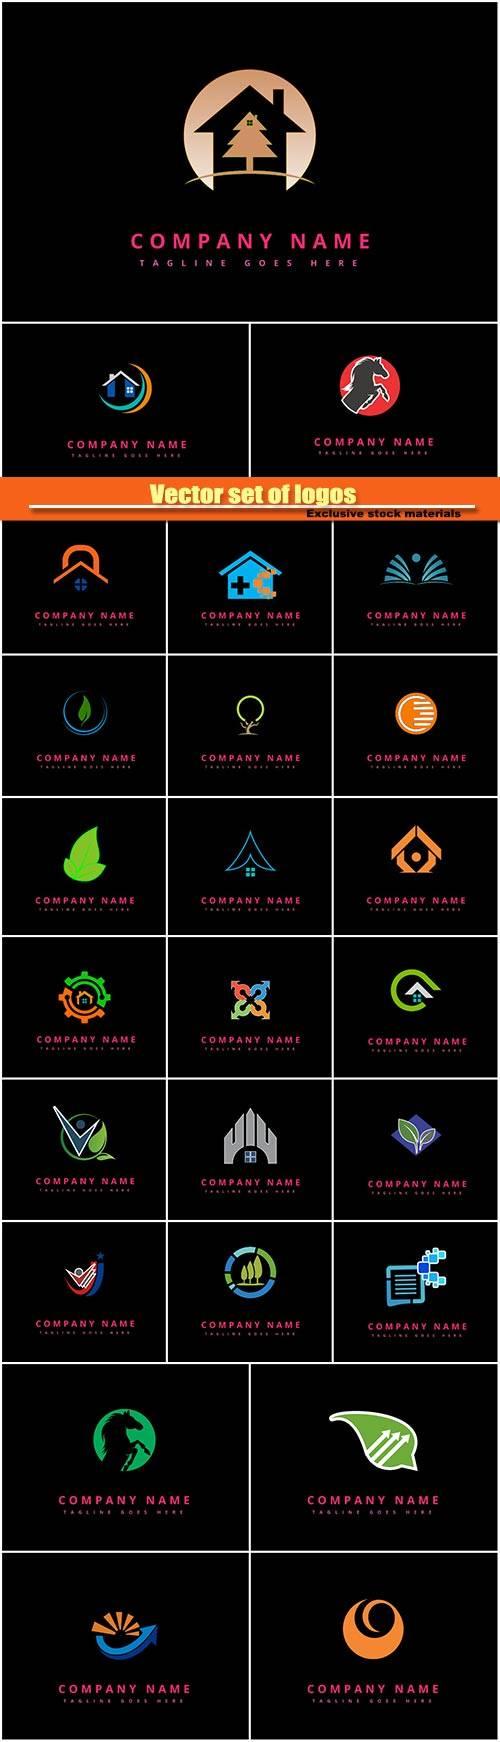 Vector set of logos